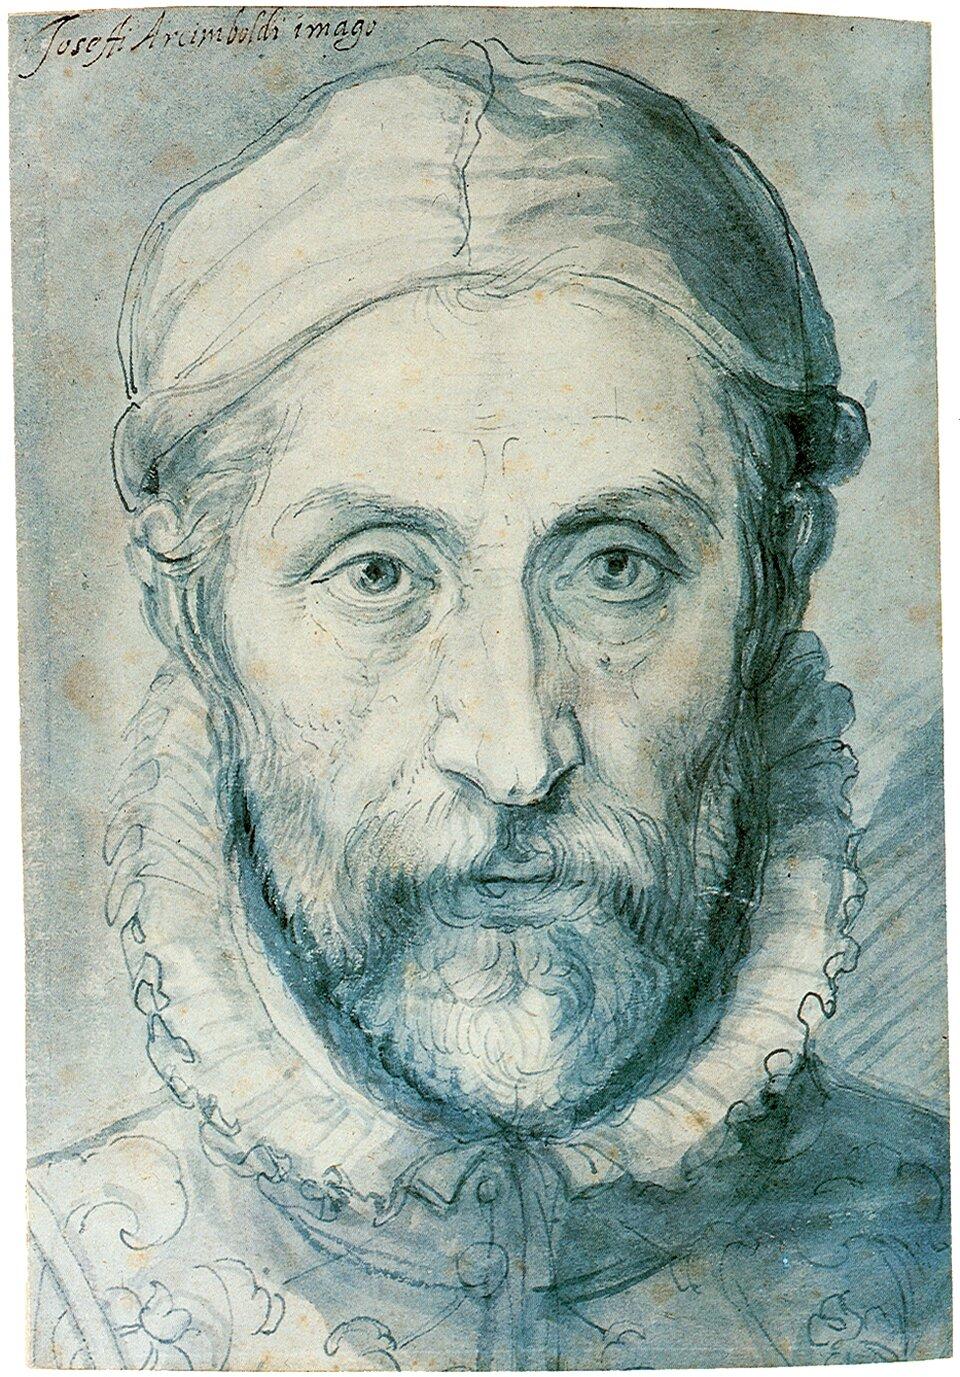 Autoportret Źródło: Giuseppe Arcimboldo, Autoportret, XVI wiek, Galeria Narodowa wPradze, domena publiczna.